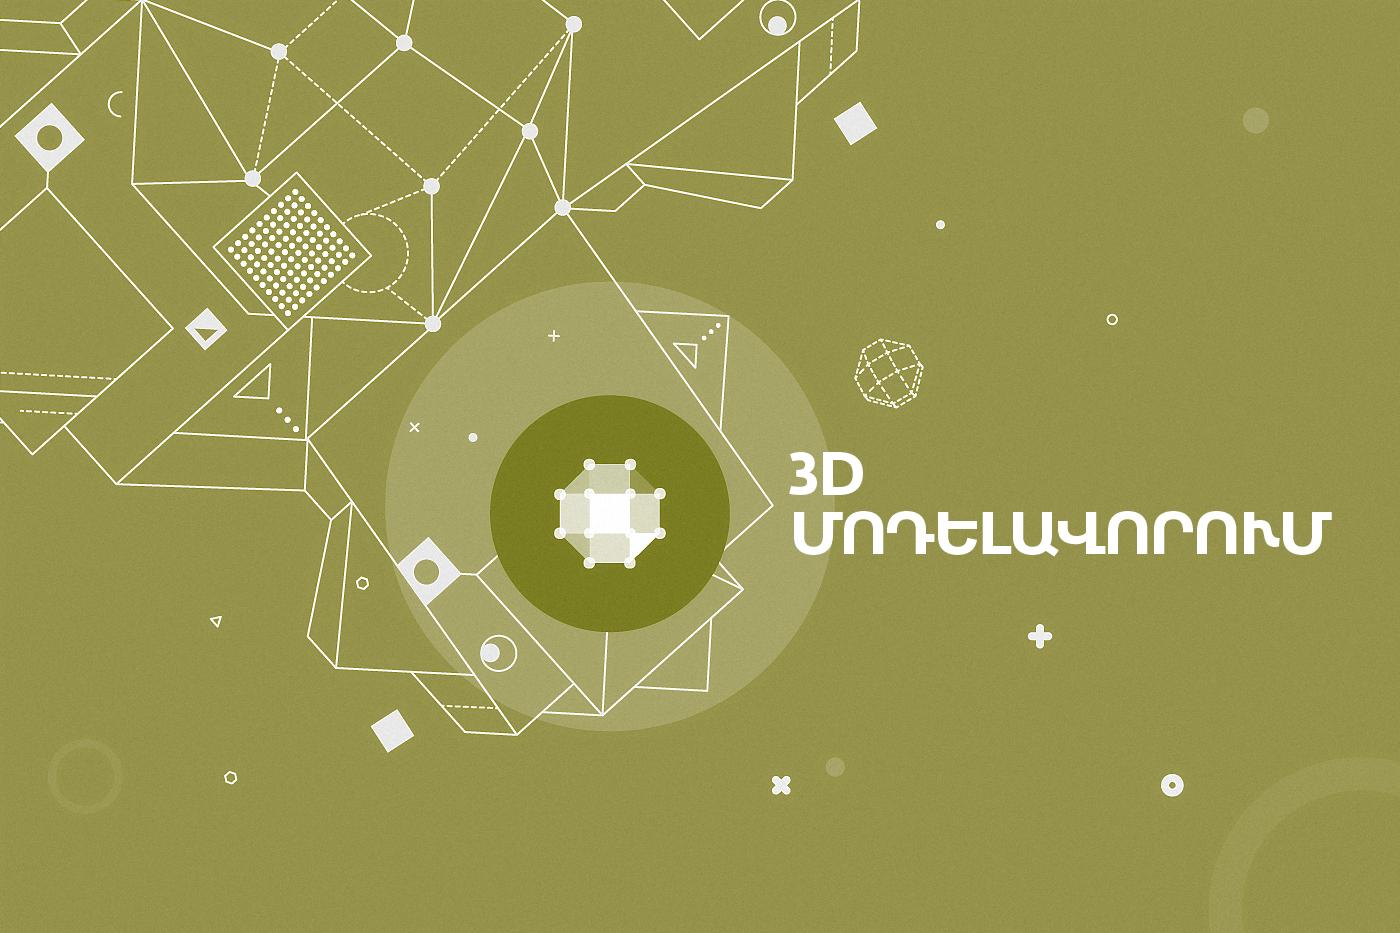 3d 1 - Մոդելավորելով ապագան եռաչափ ֆորմատով